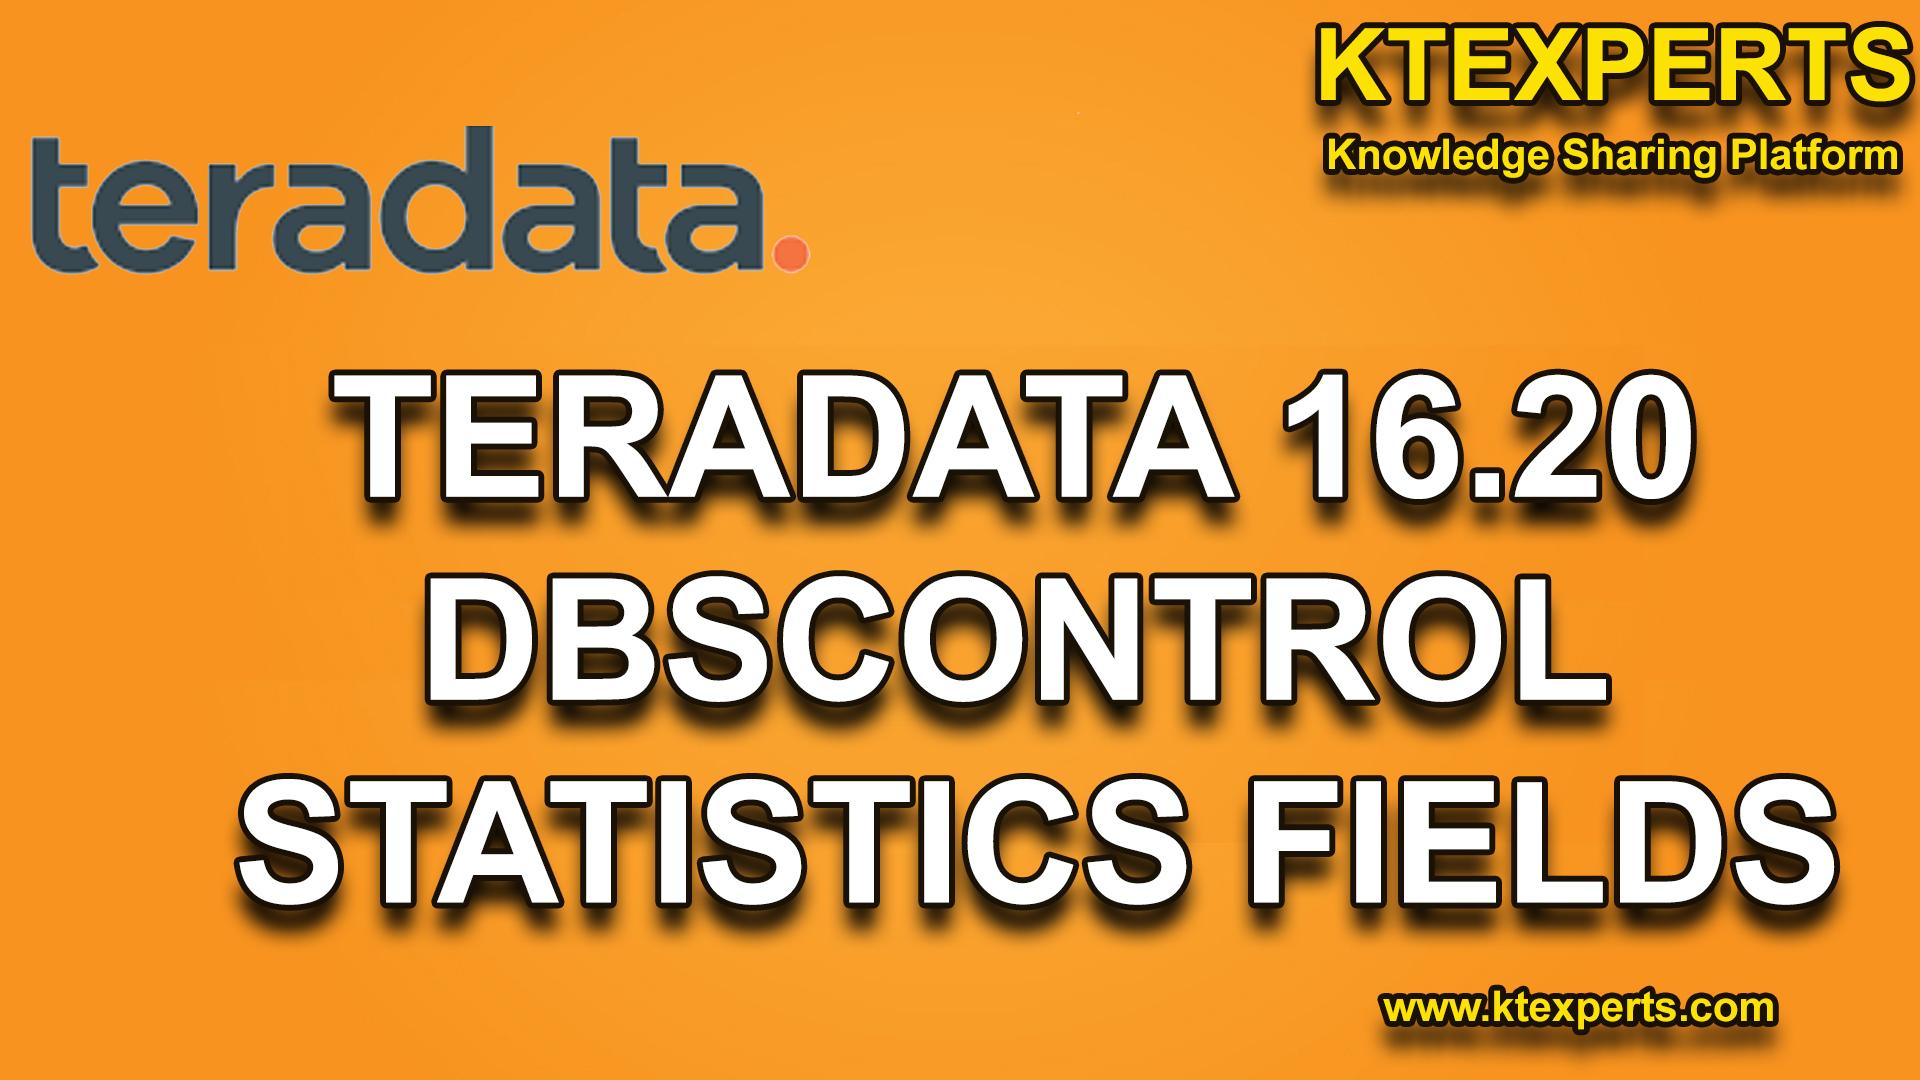 TERADATA 16.20 DBSCONTROL STATISTICS FIELDS